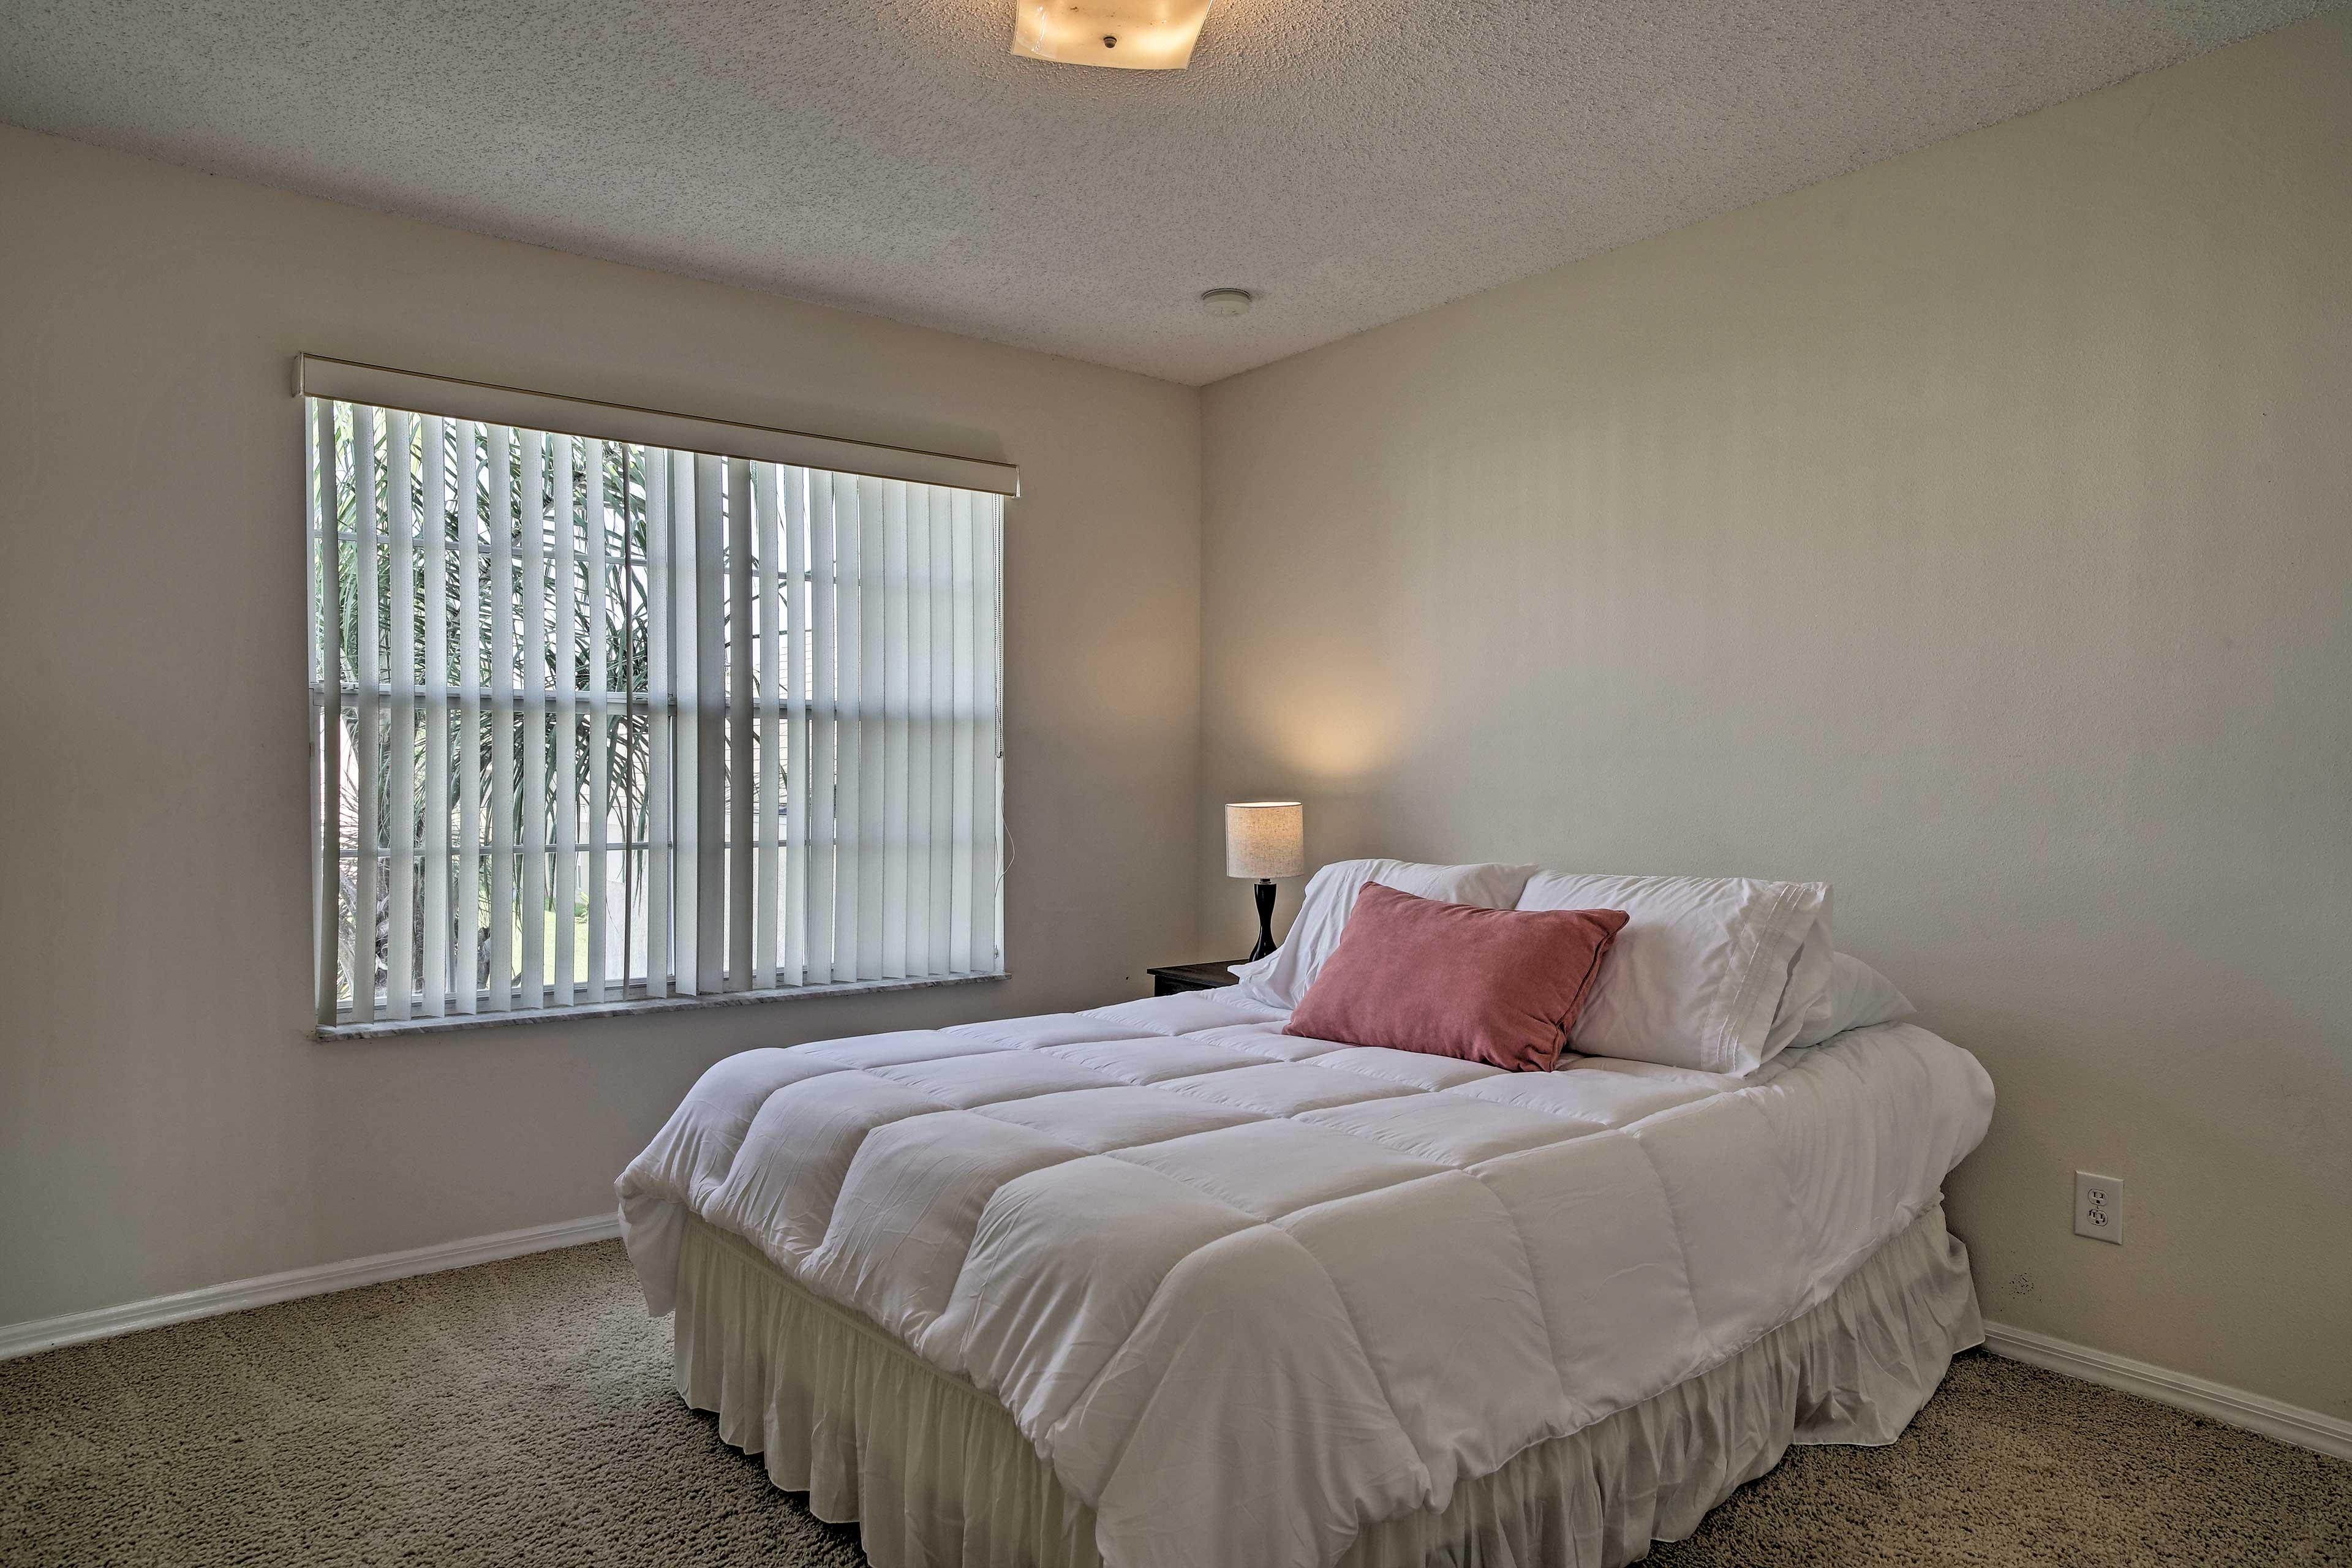 Bedroom 4 hosts a cozy queen bed.